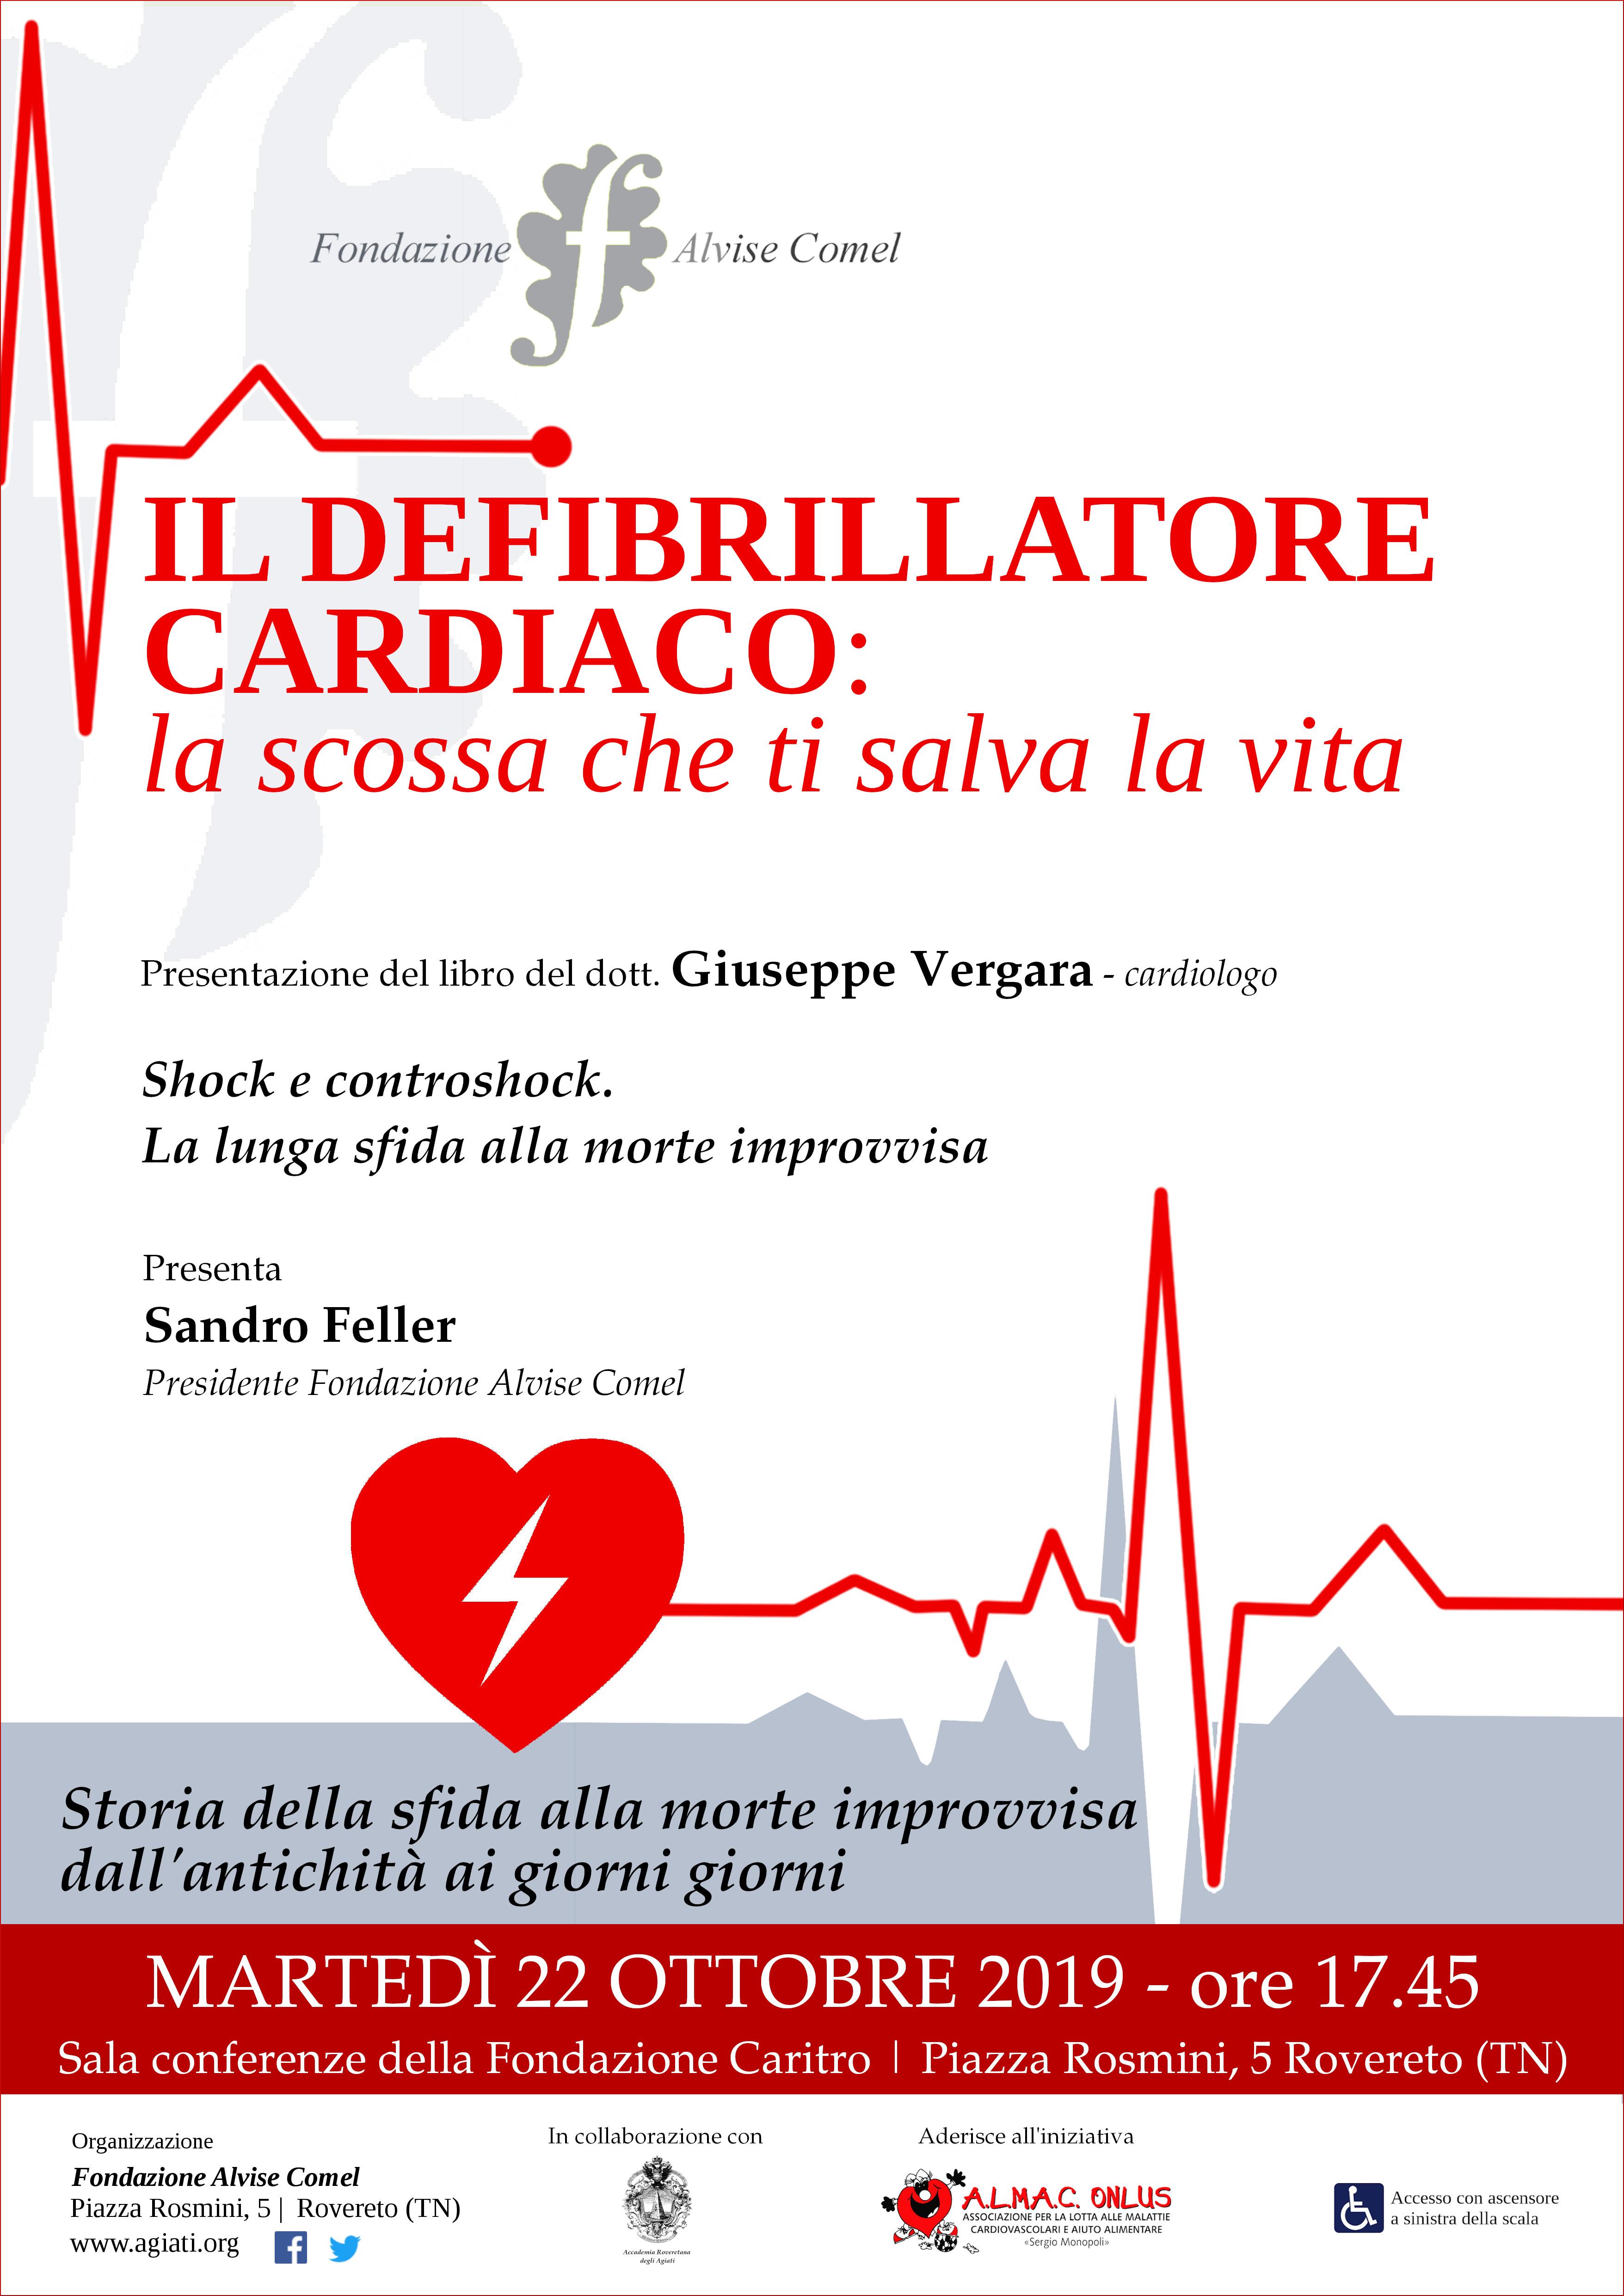 defibrillatore 22 ottobre